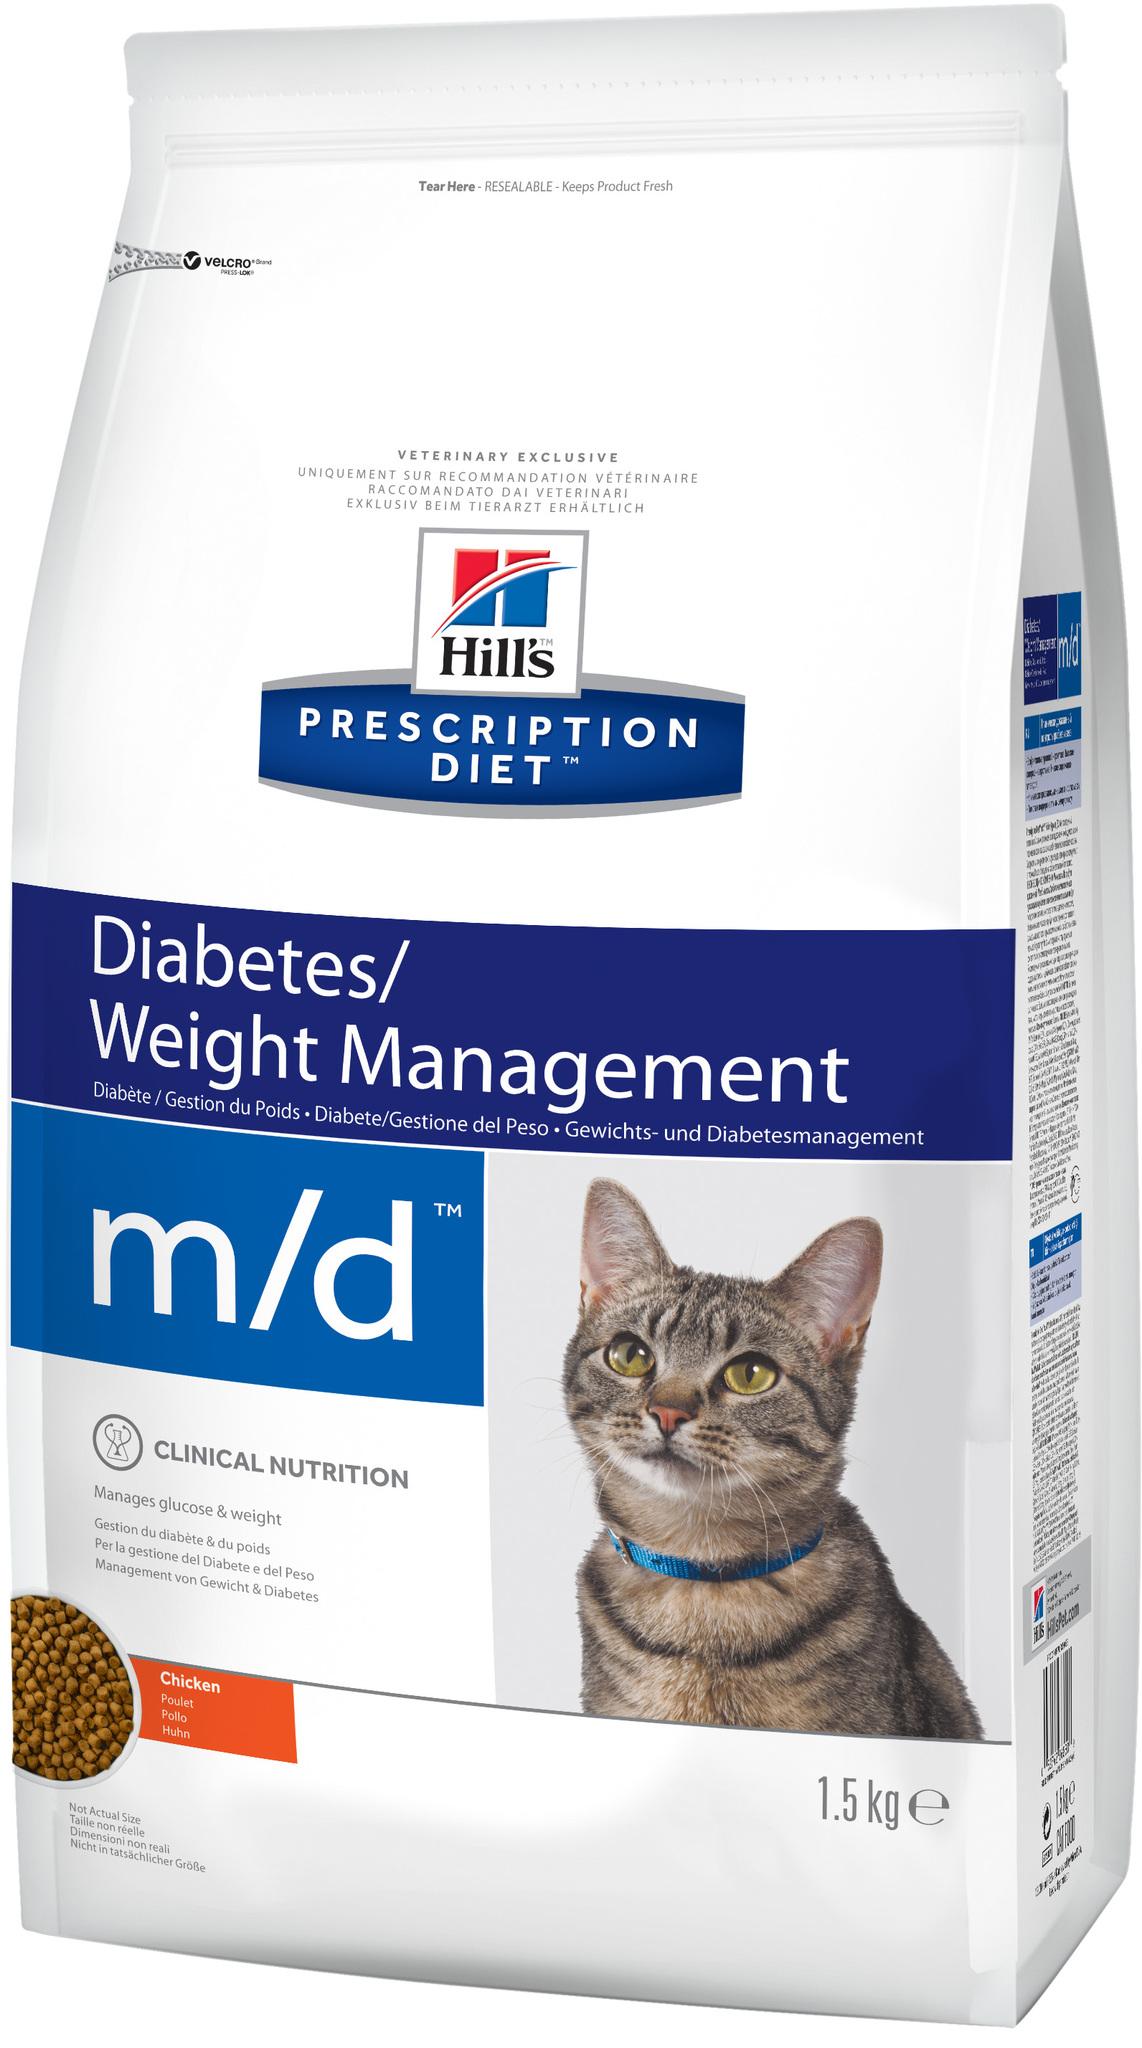 купить хиллс  диетический Hill's™ Prescription Diet™ Feline m/d™Diabetes/Weight Management with Chicken сухой корм для взрослых кошек. диетический рацион при сахарном диабете, ожирении процент белка